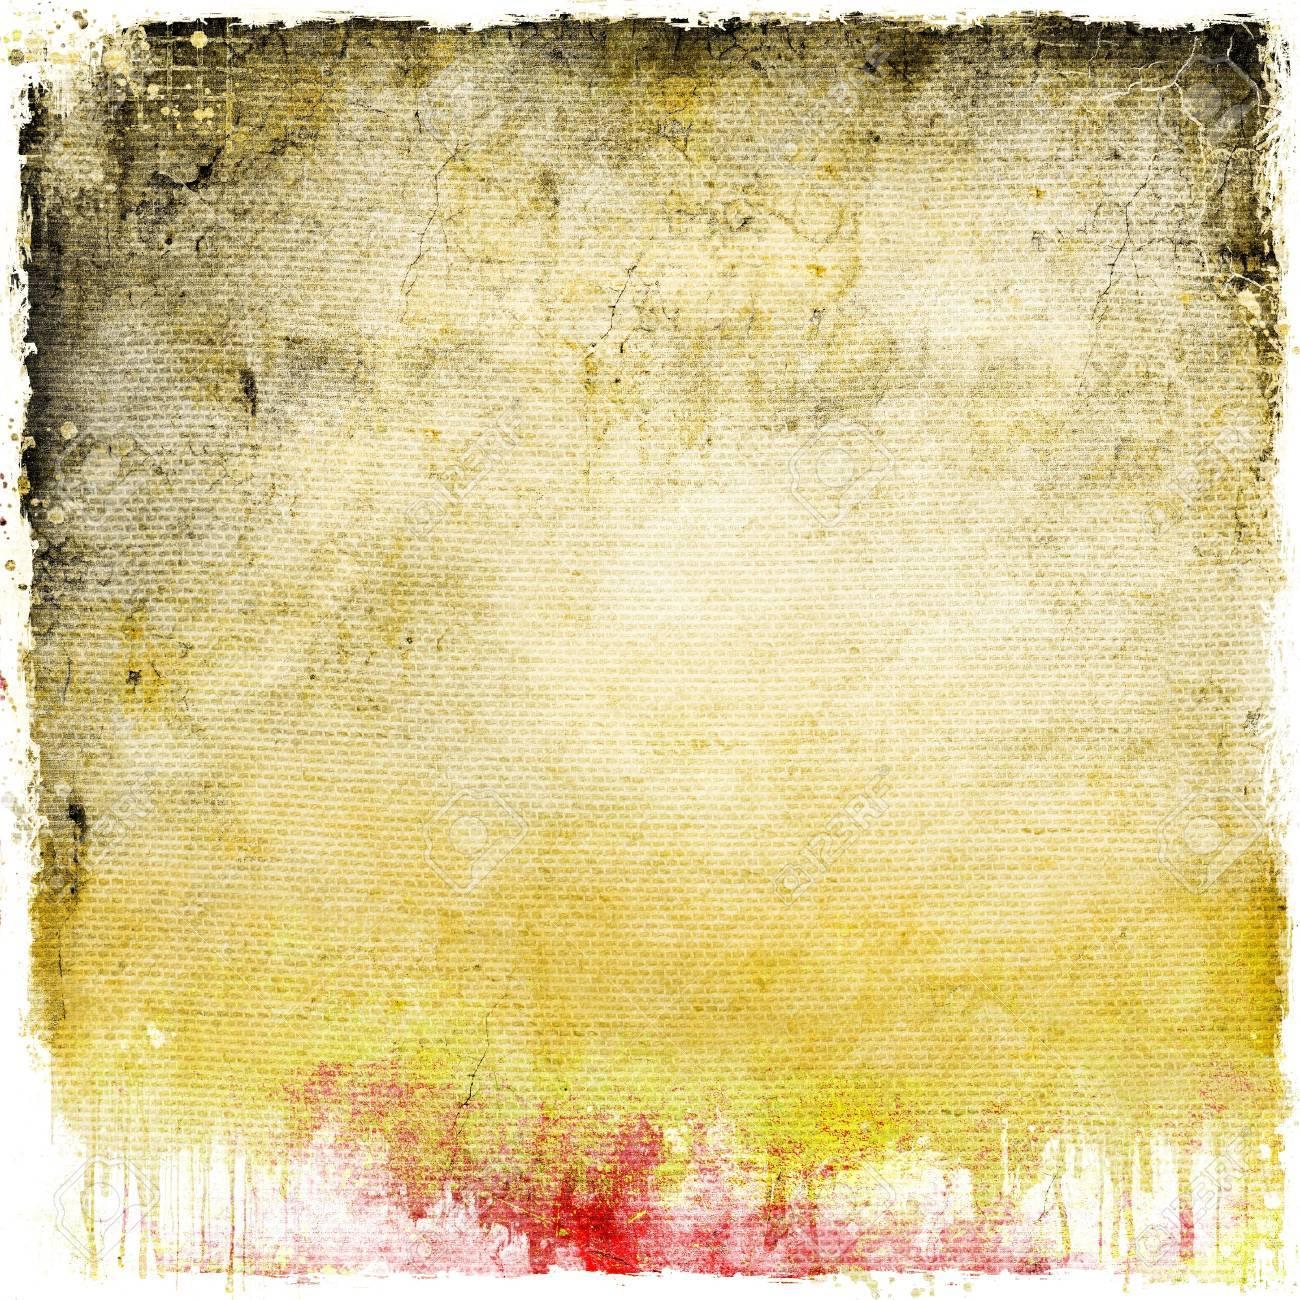 Grunge texture astratta o di sfondo Archivio Fotografico - 16034083